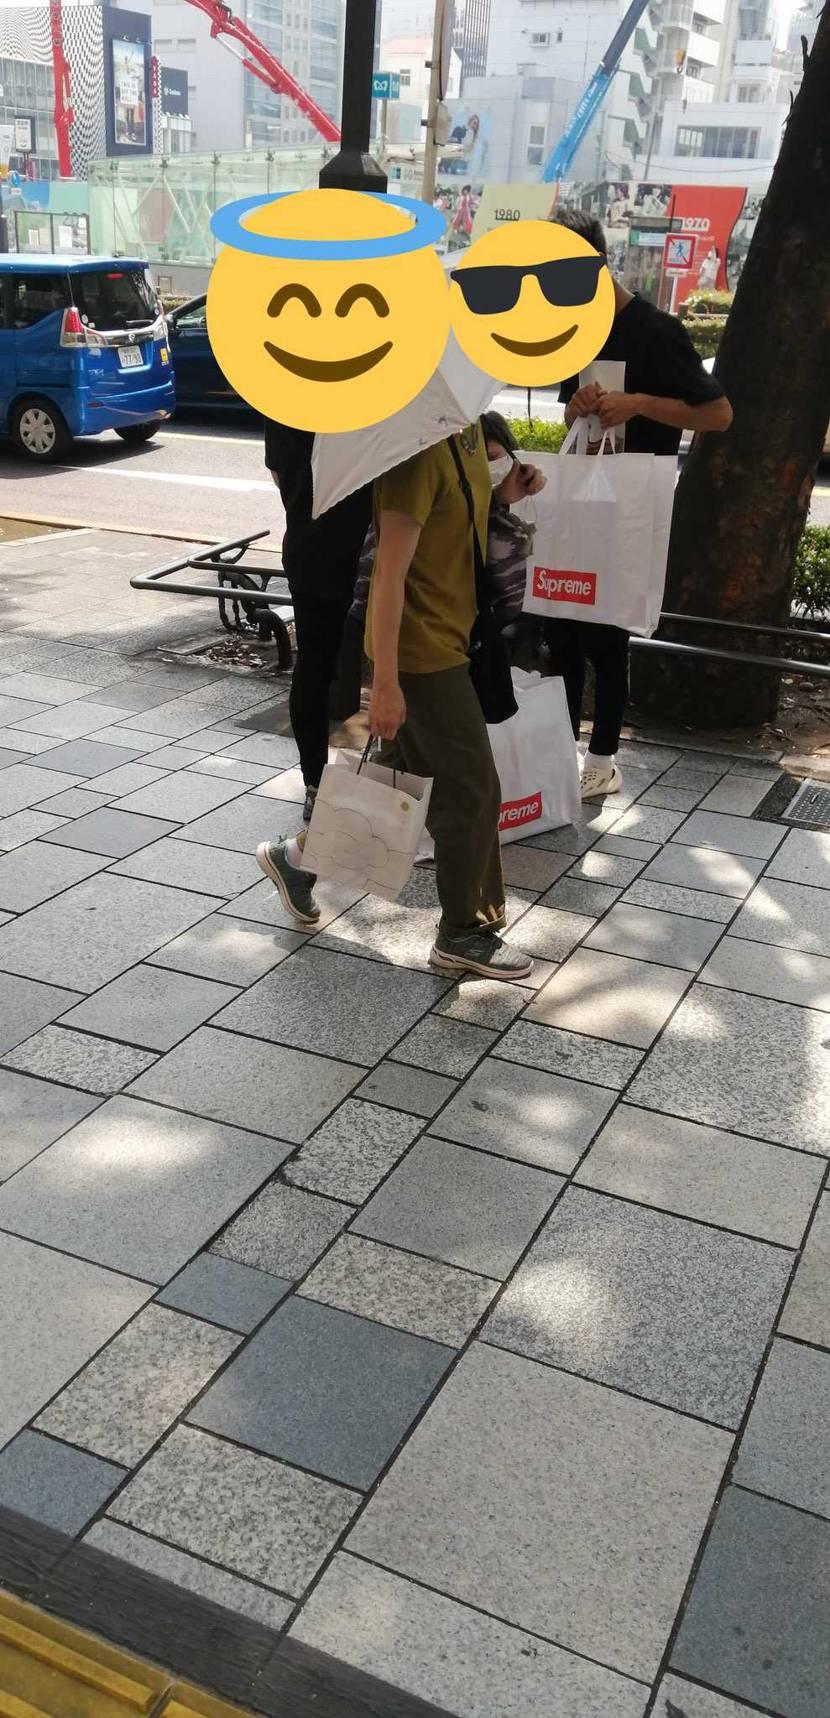 転売チャイニーズの、「とりあえず履いとけ」でよく見る最近の風潮が原因で、履く気失